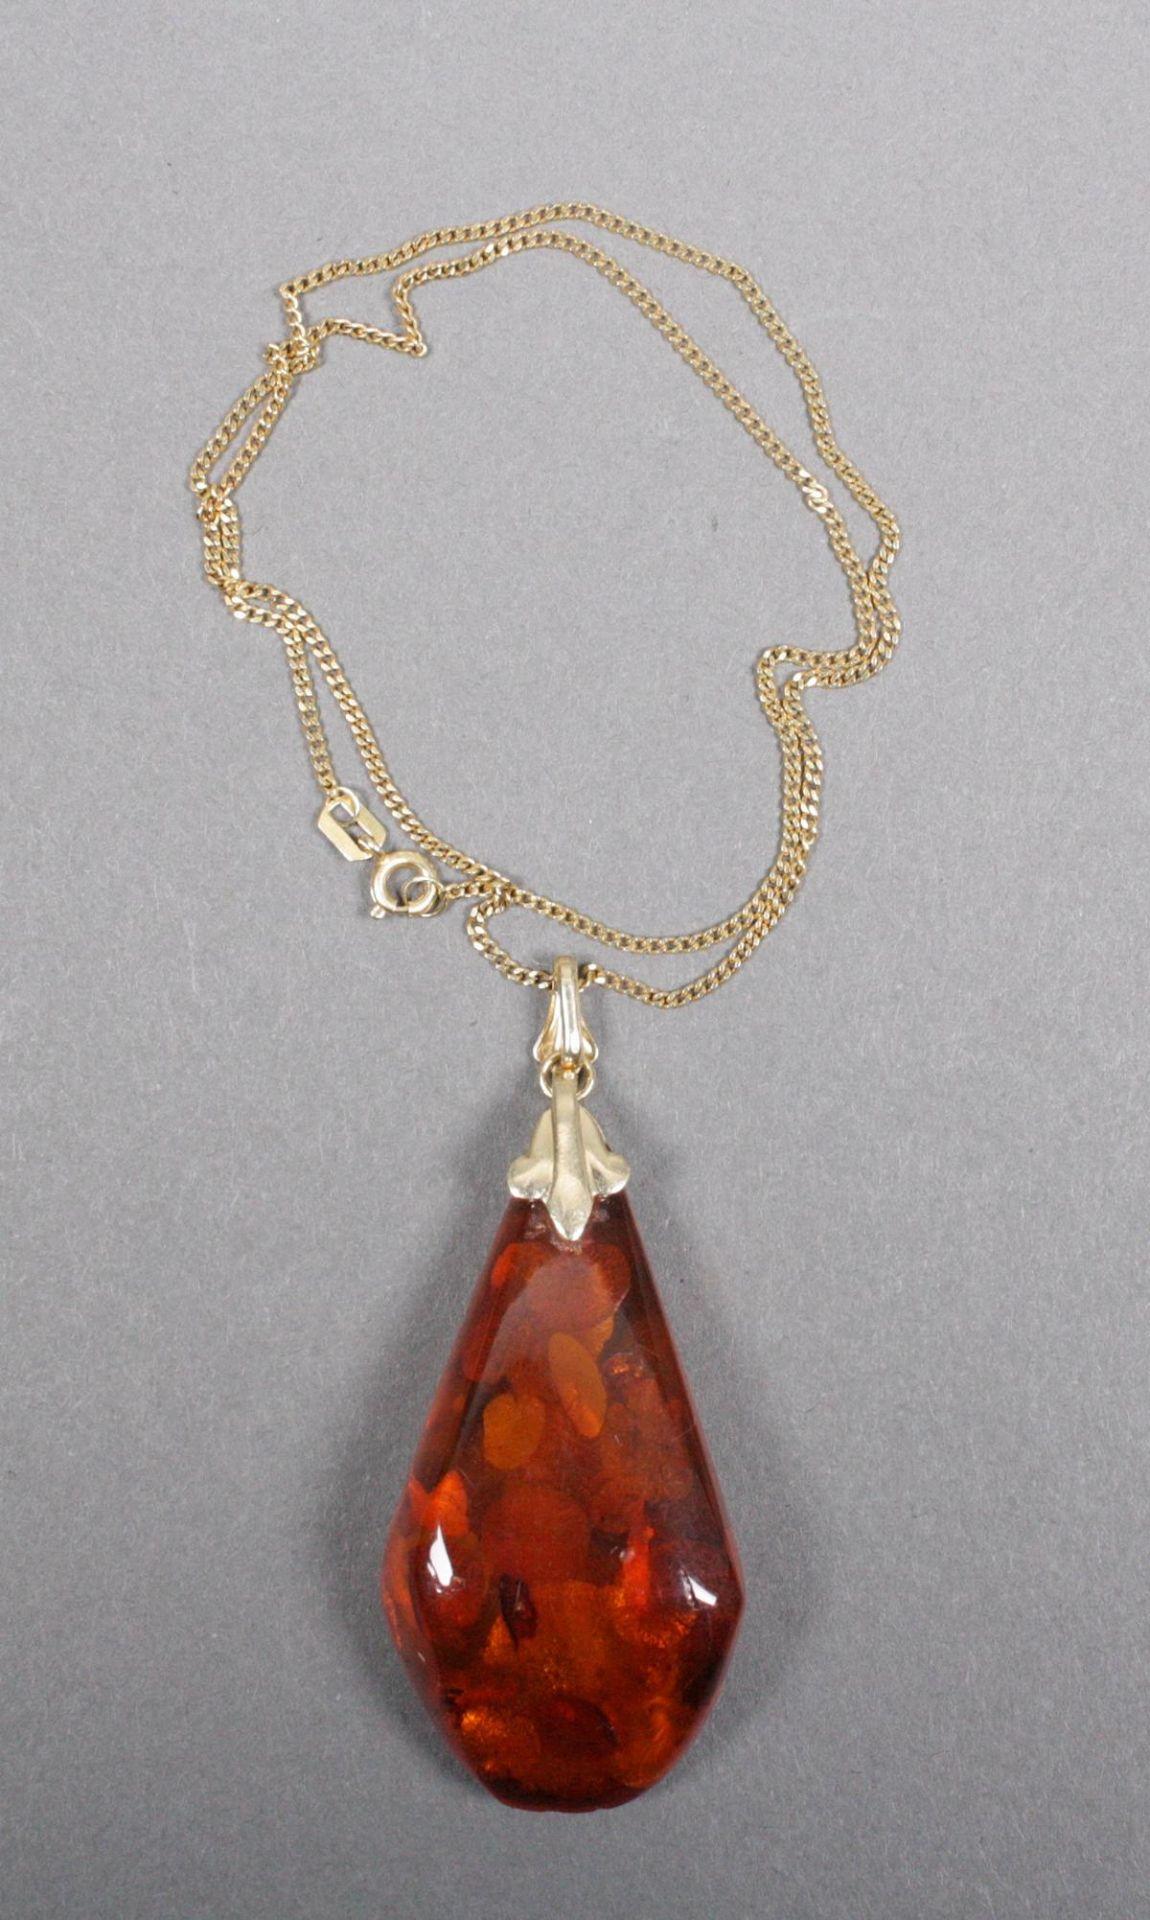 Halskette mit Bernsteinanhänger, 14 Karat Gelbgold